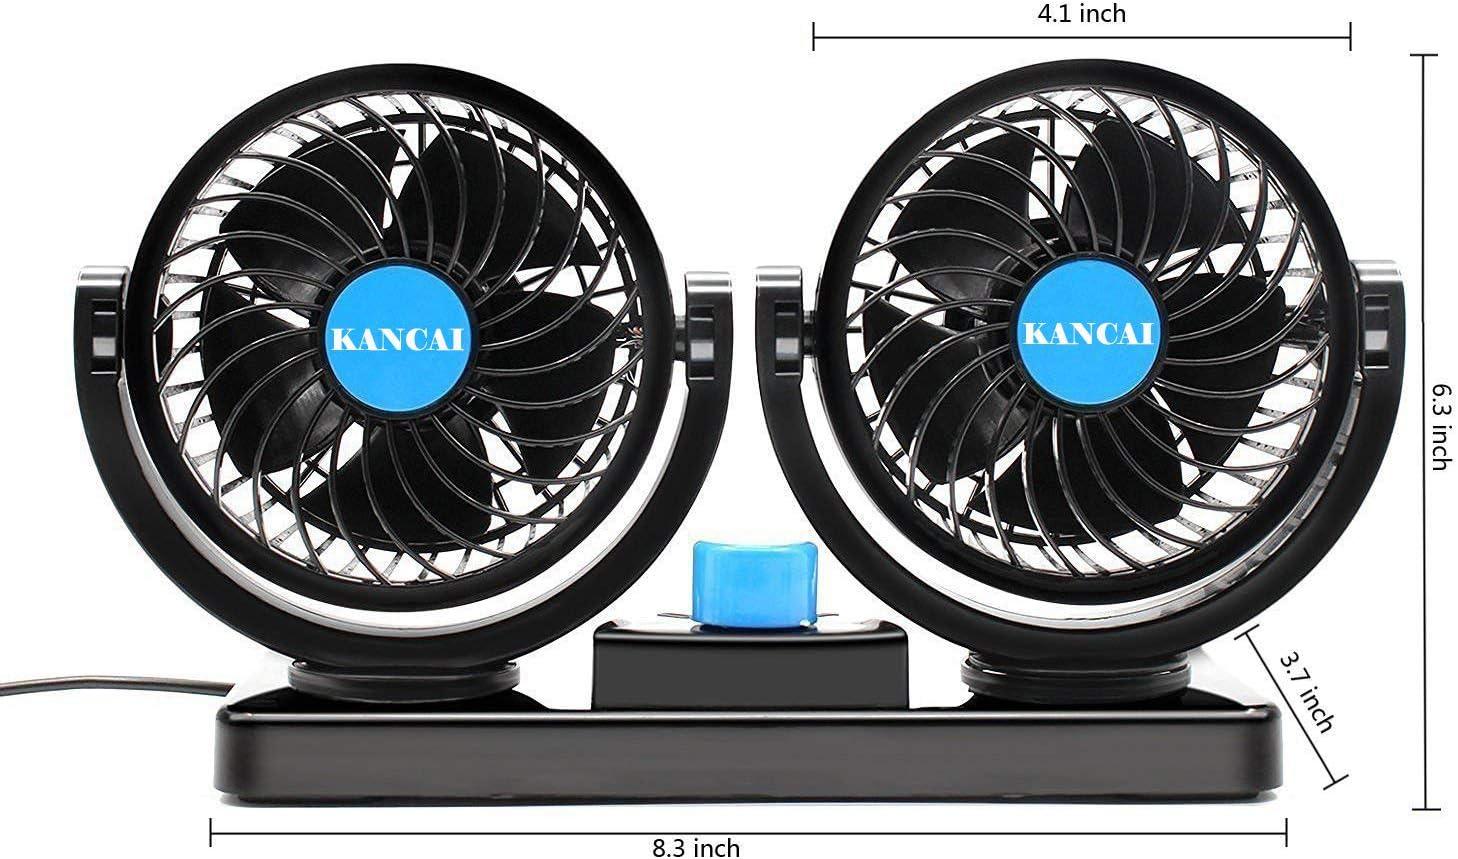 KanCai Ventilatore 12 Volt Doppia Testa Ventola di Raffreddamento avec Accendisigari Auto Due velocit/à regolabile e rotazione manuale a 360 gradi